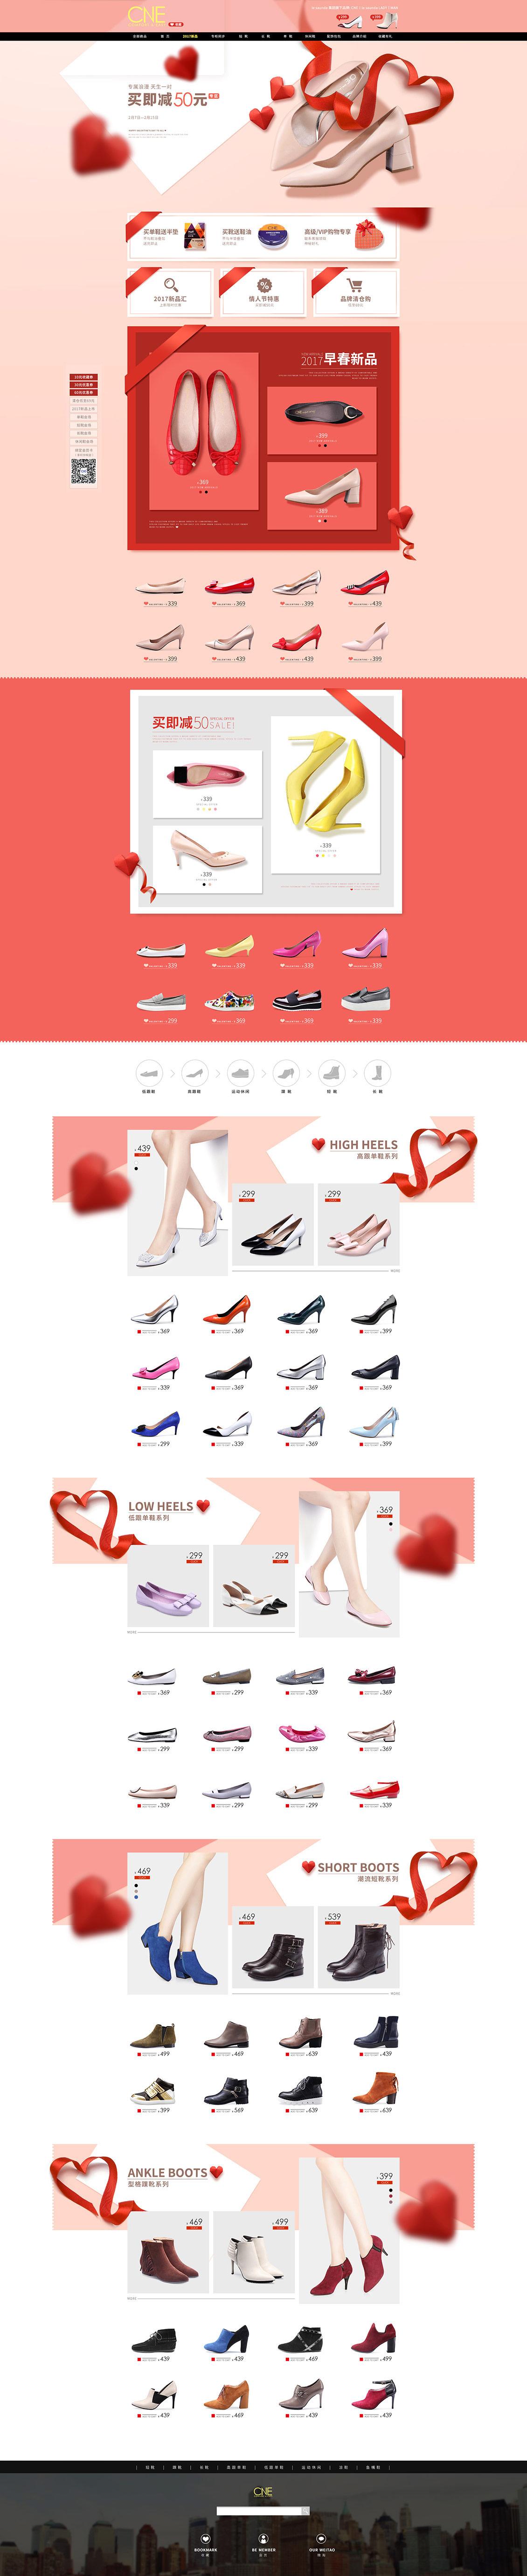 cne女鞋 214情人节天猫首页活动专题页面设计